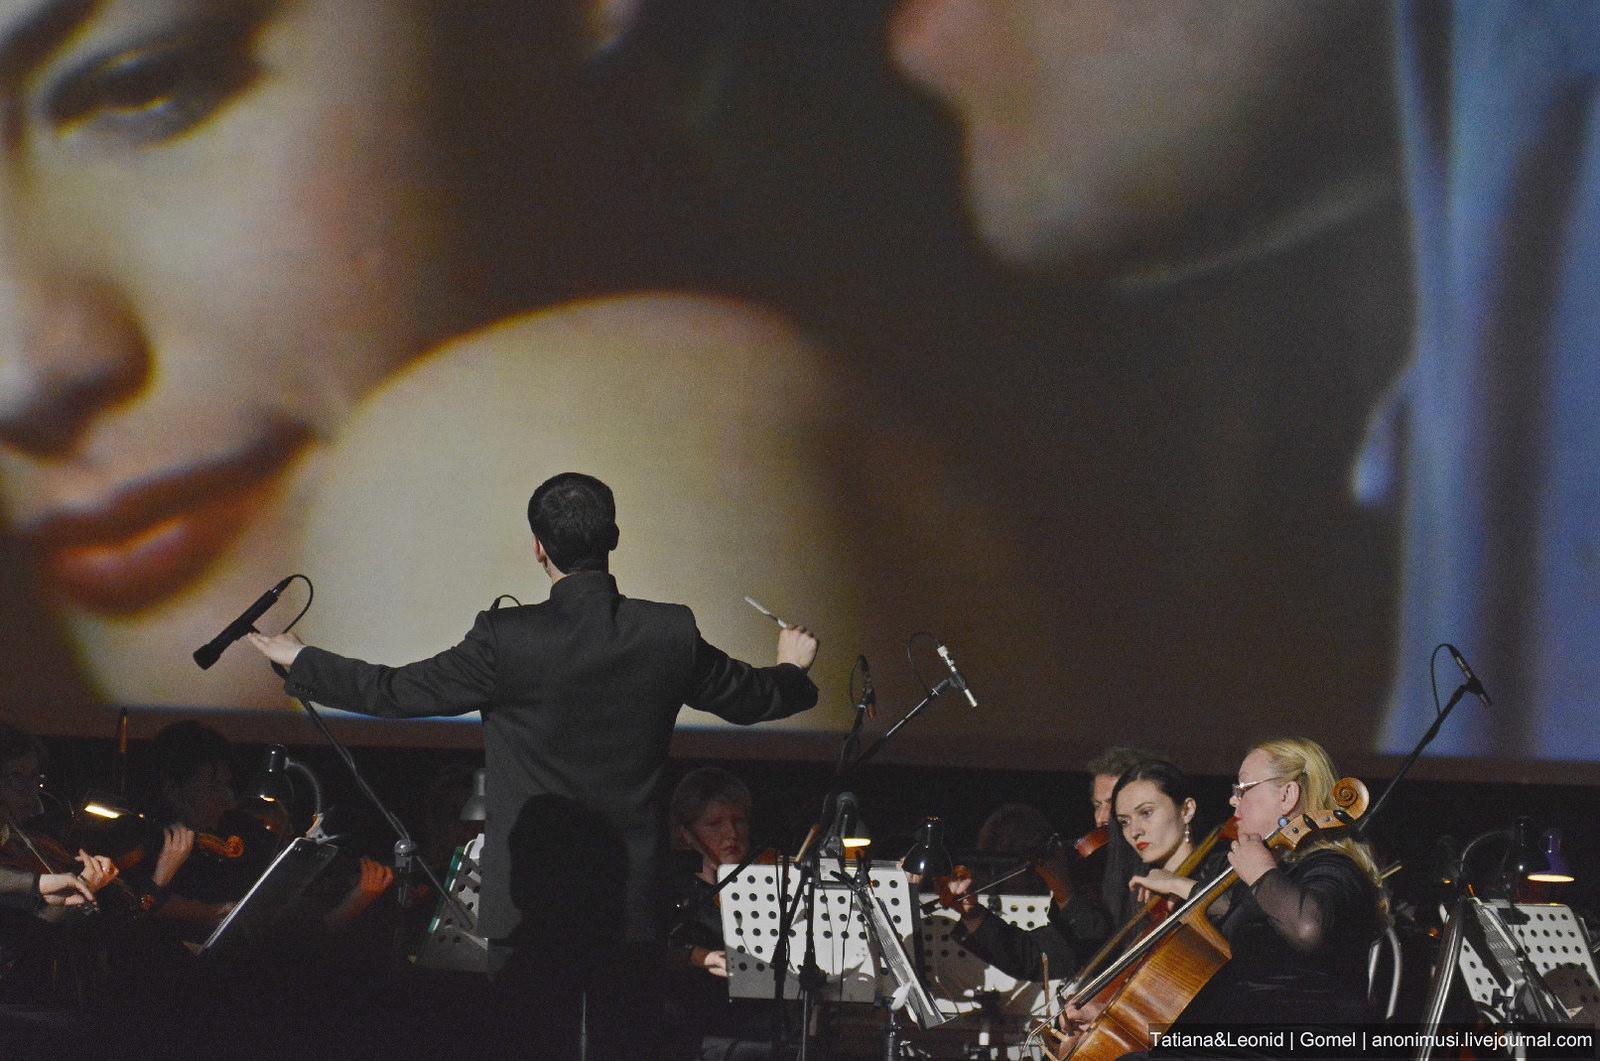 Гомельский симфонический оркестр и Мировые саундтреки 3